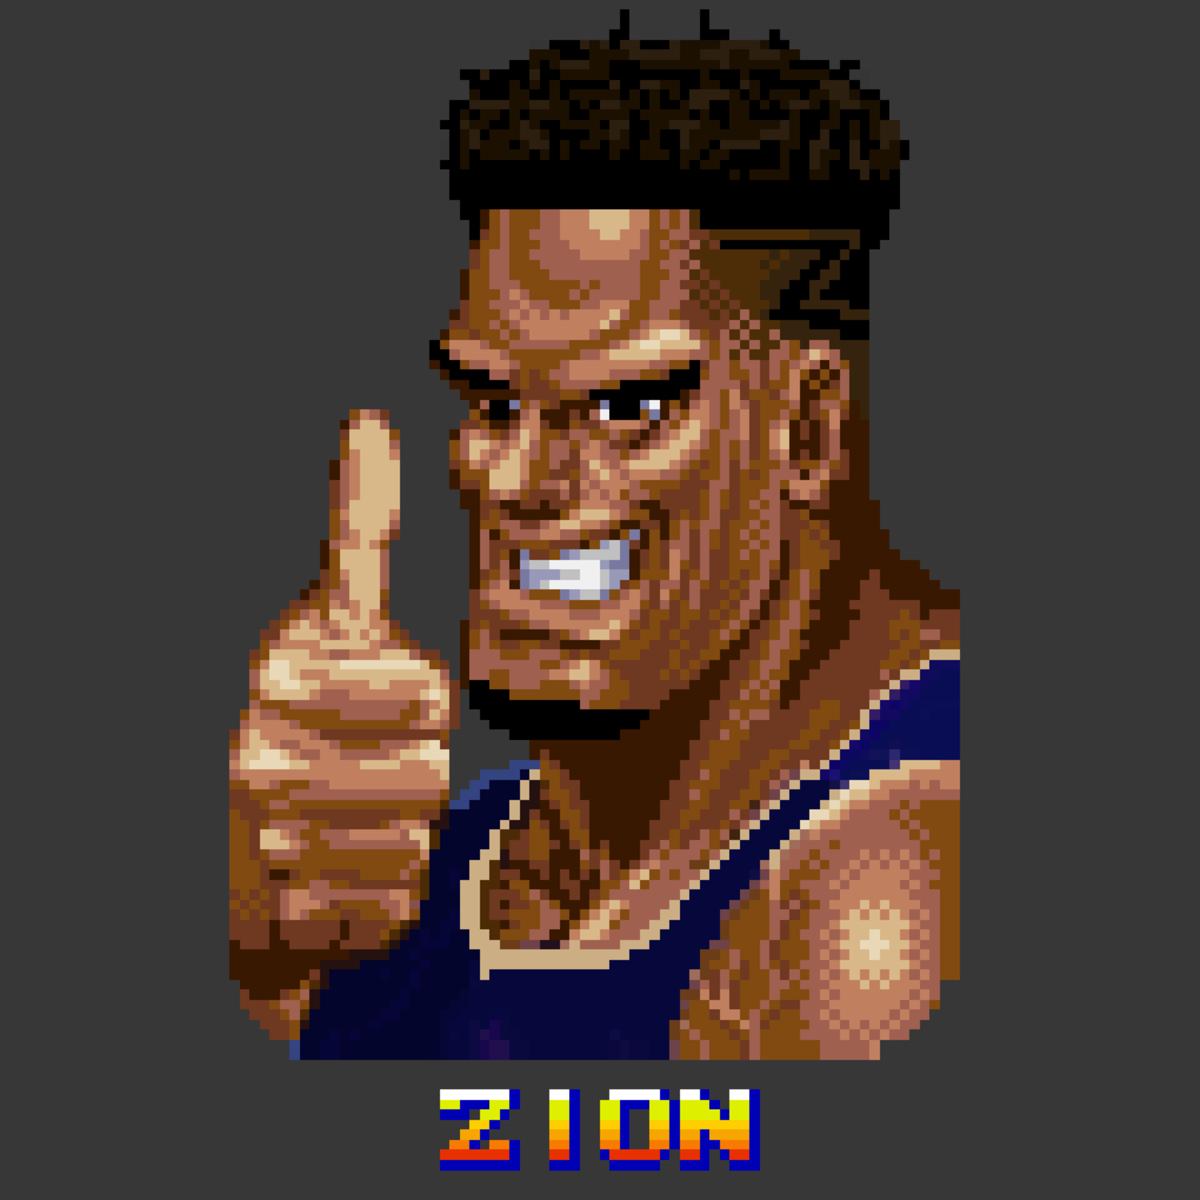 ZionSF